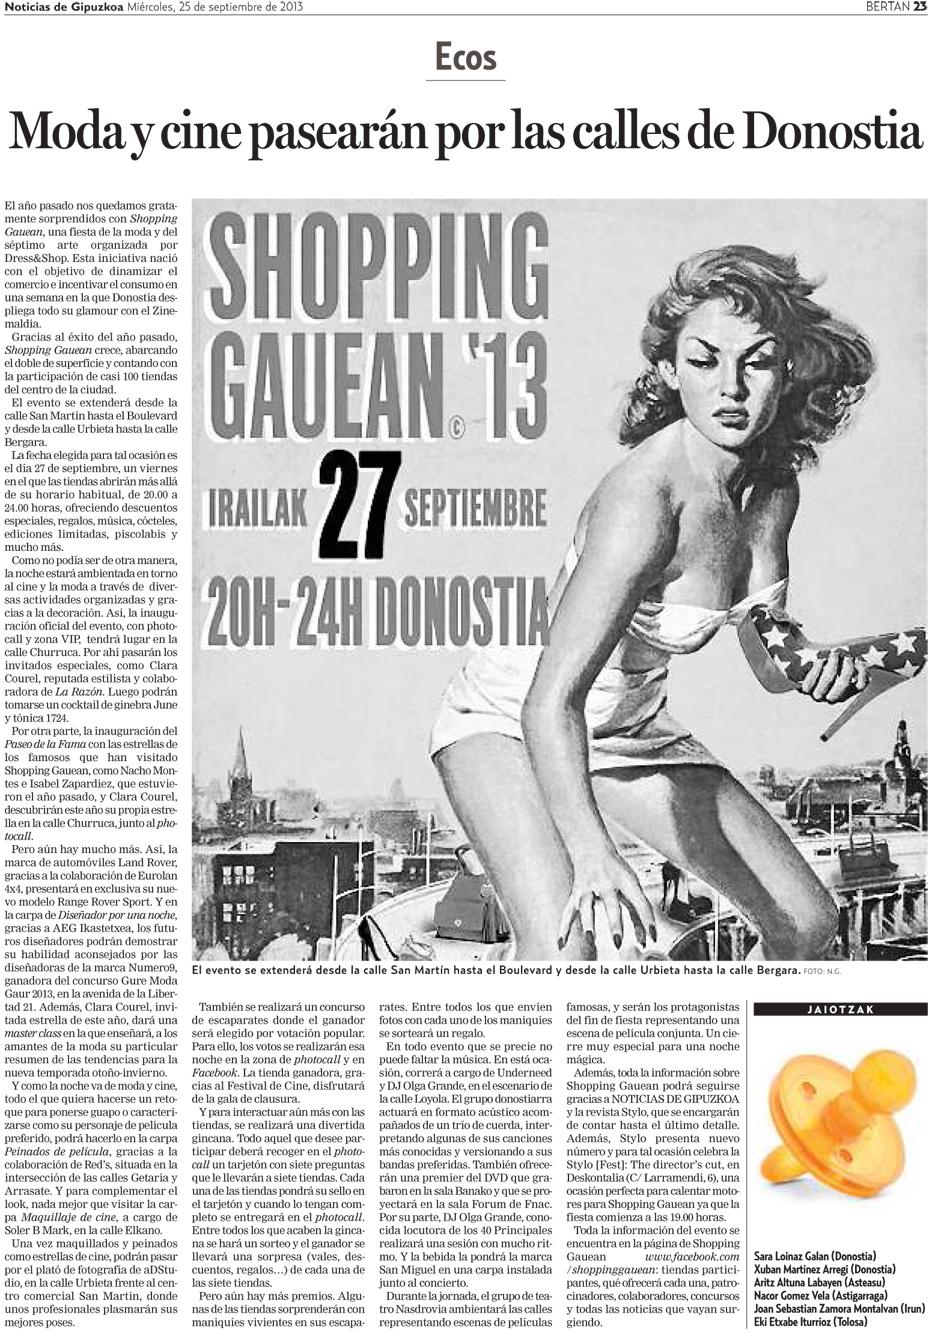 Moda y cine pasearán por las calles de Donostia